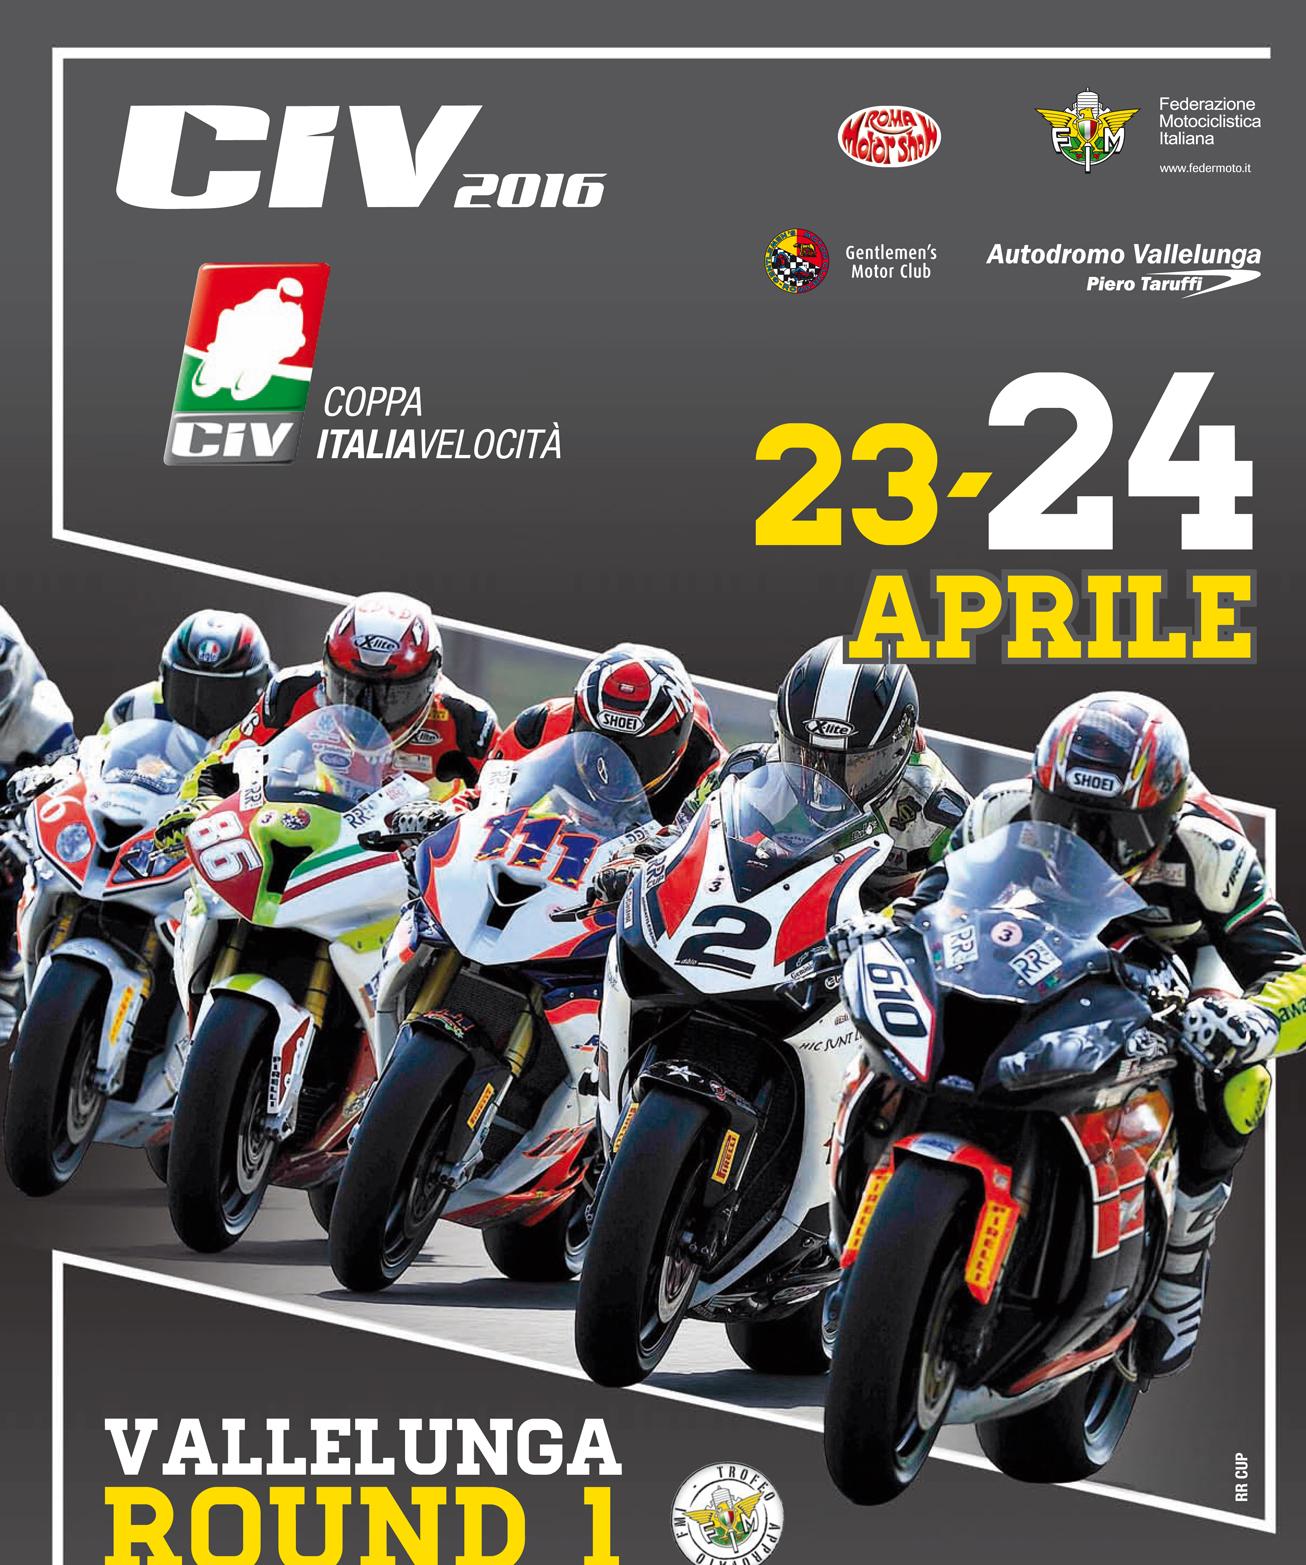 Circuito Vallelunga : Honda days moto e auto scatenate a vallelunga il e il marzo